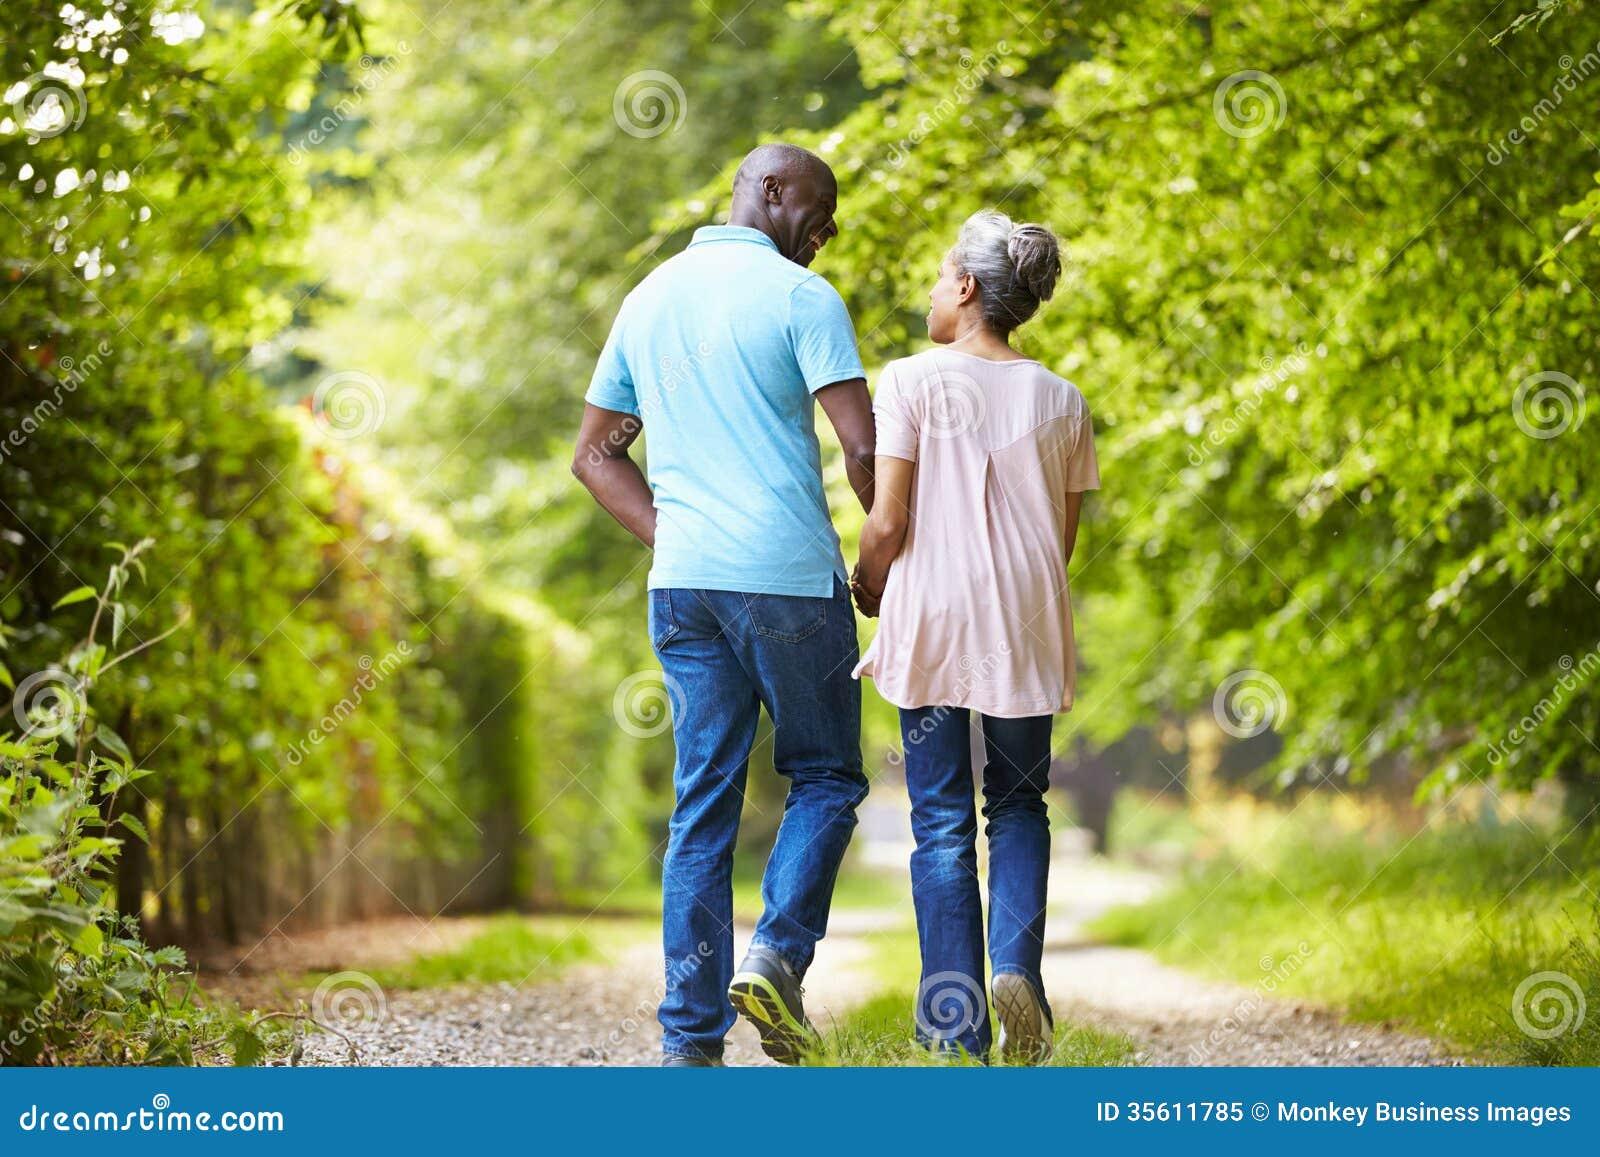 Зрелые Афро-американские пары идя в сельскую местность